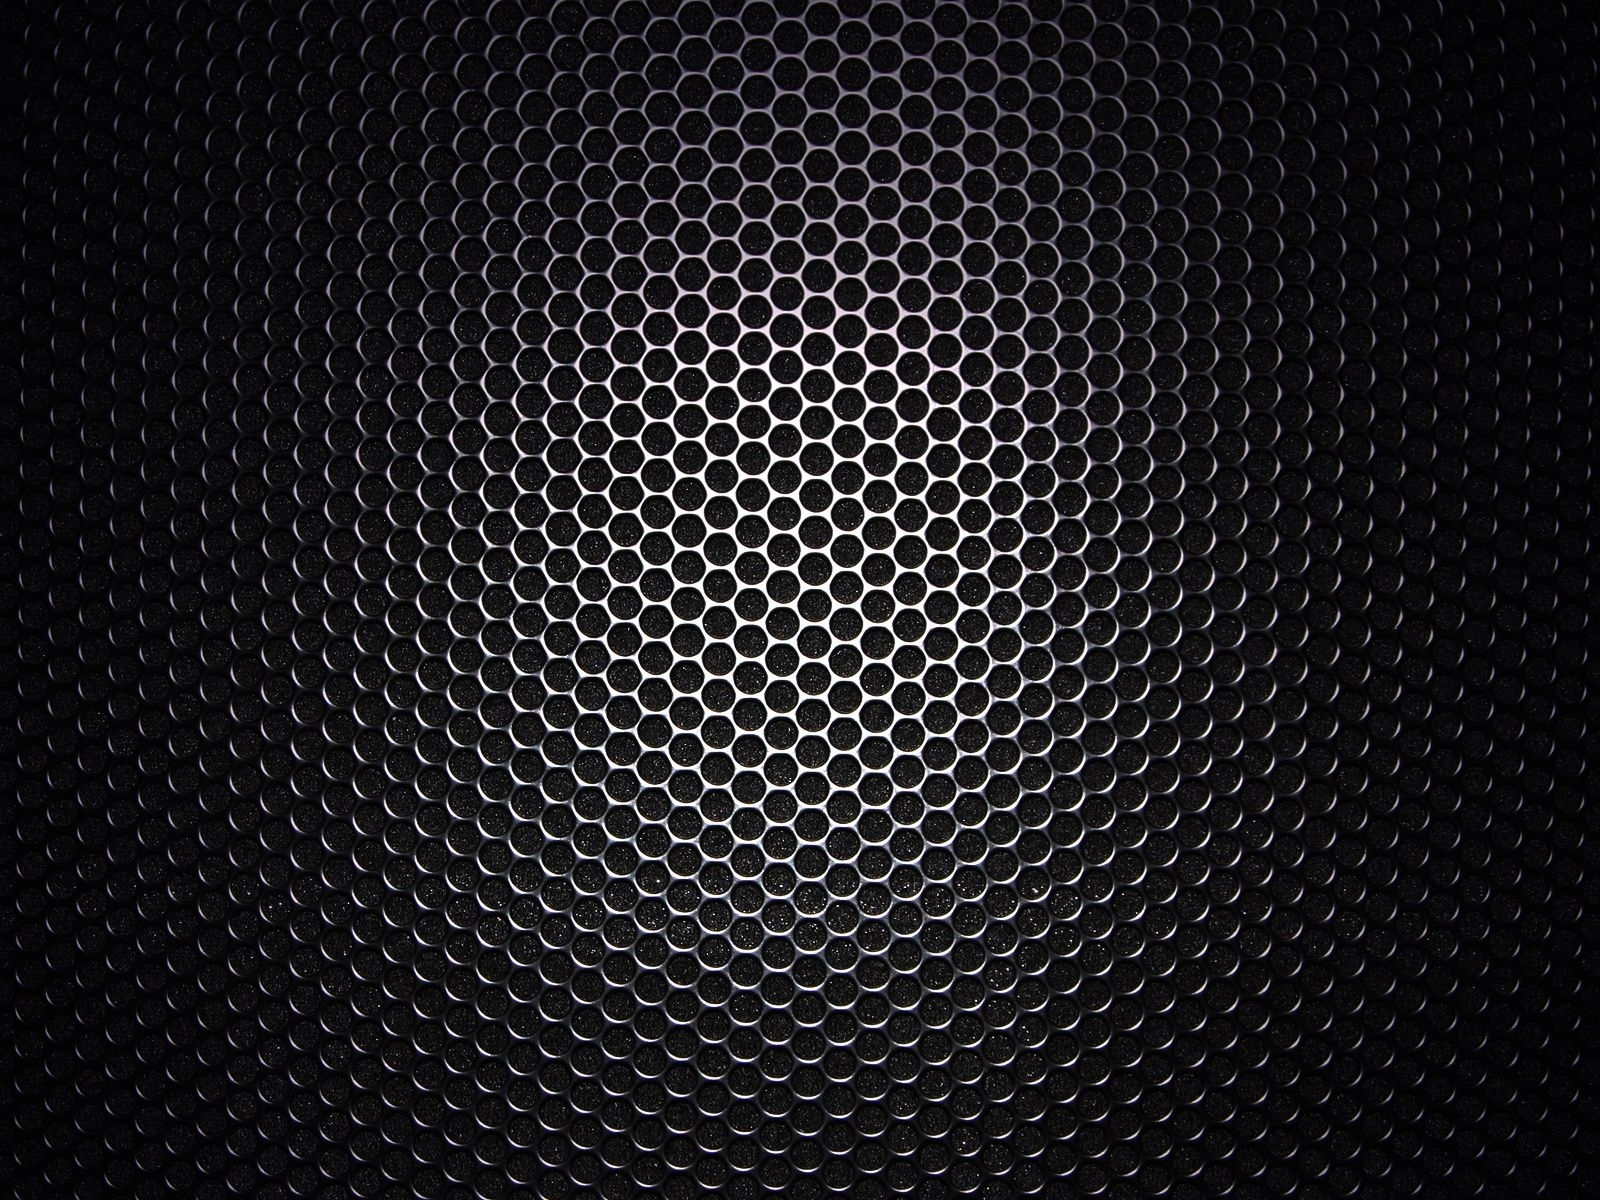 carbon fiber wallpaper hd |  desktop wallpaper download texture